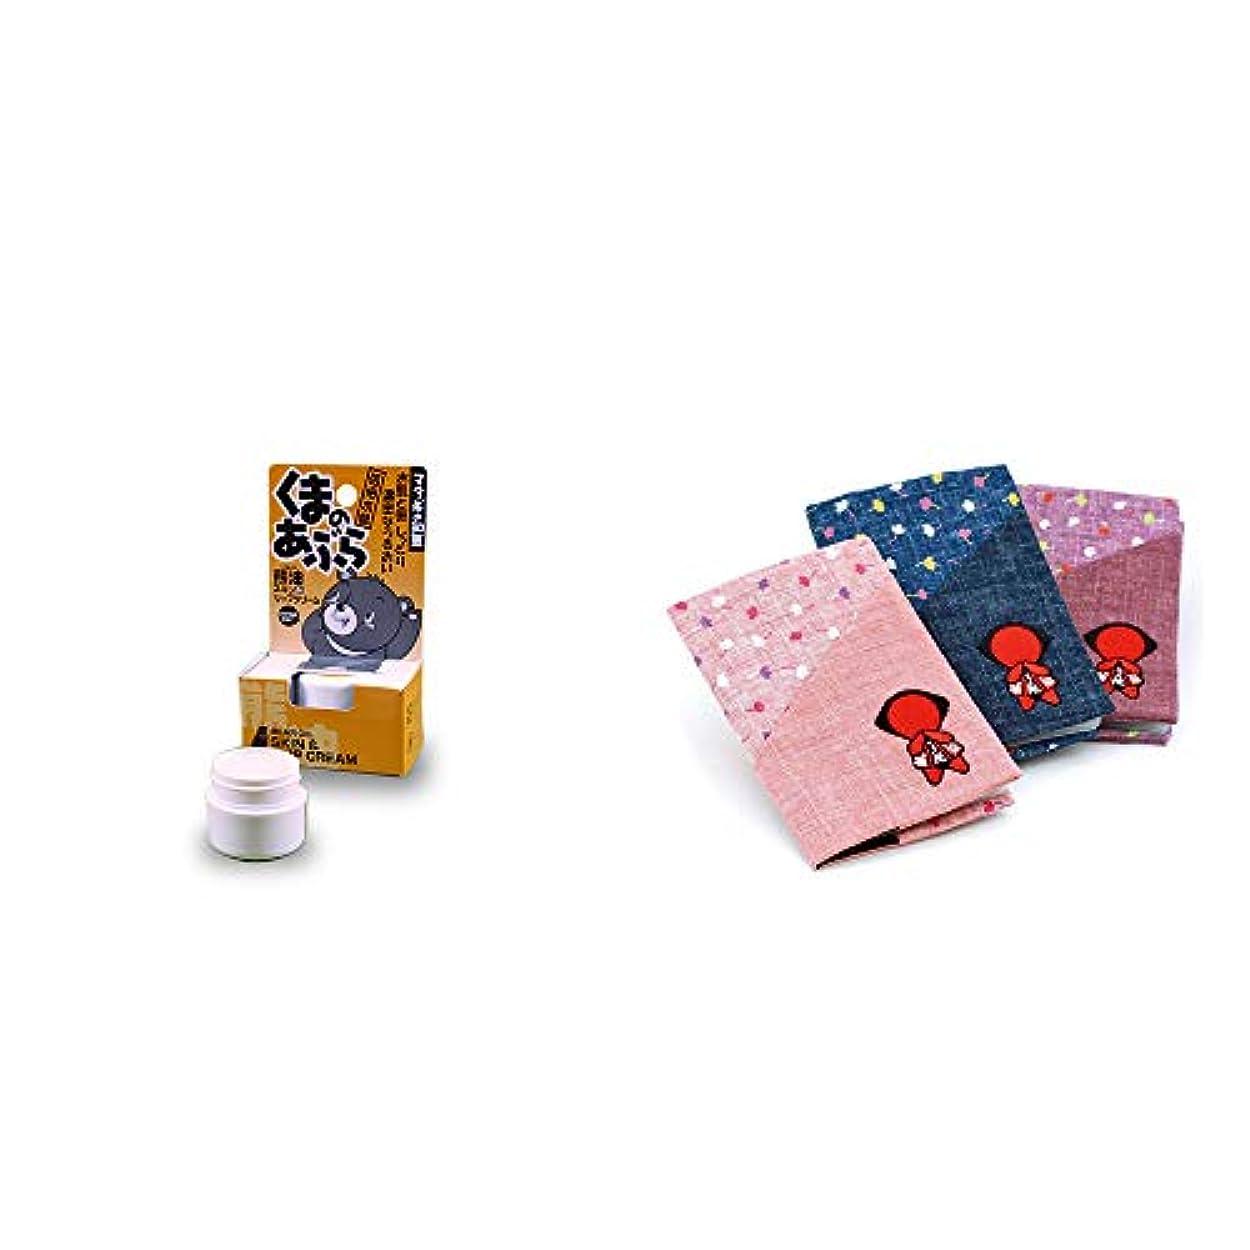 真剣に敵対的満足[2点セット] 信州木曽 くまのあぶら 熊油スキン&リップクリーム(9g)?おねがいさるぼぼ カードケース【ピンク】